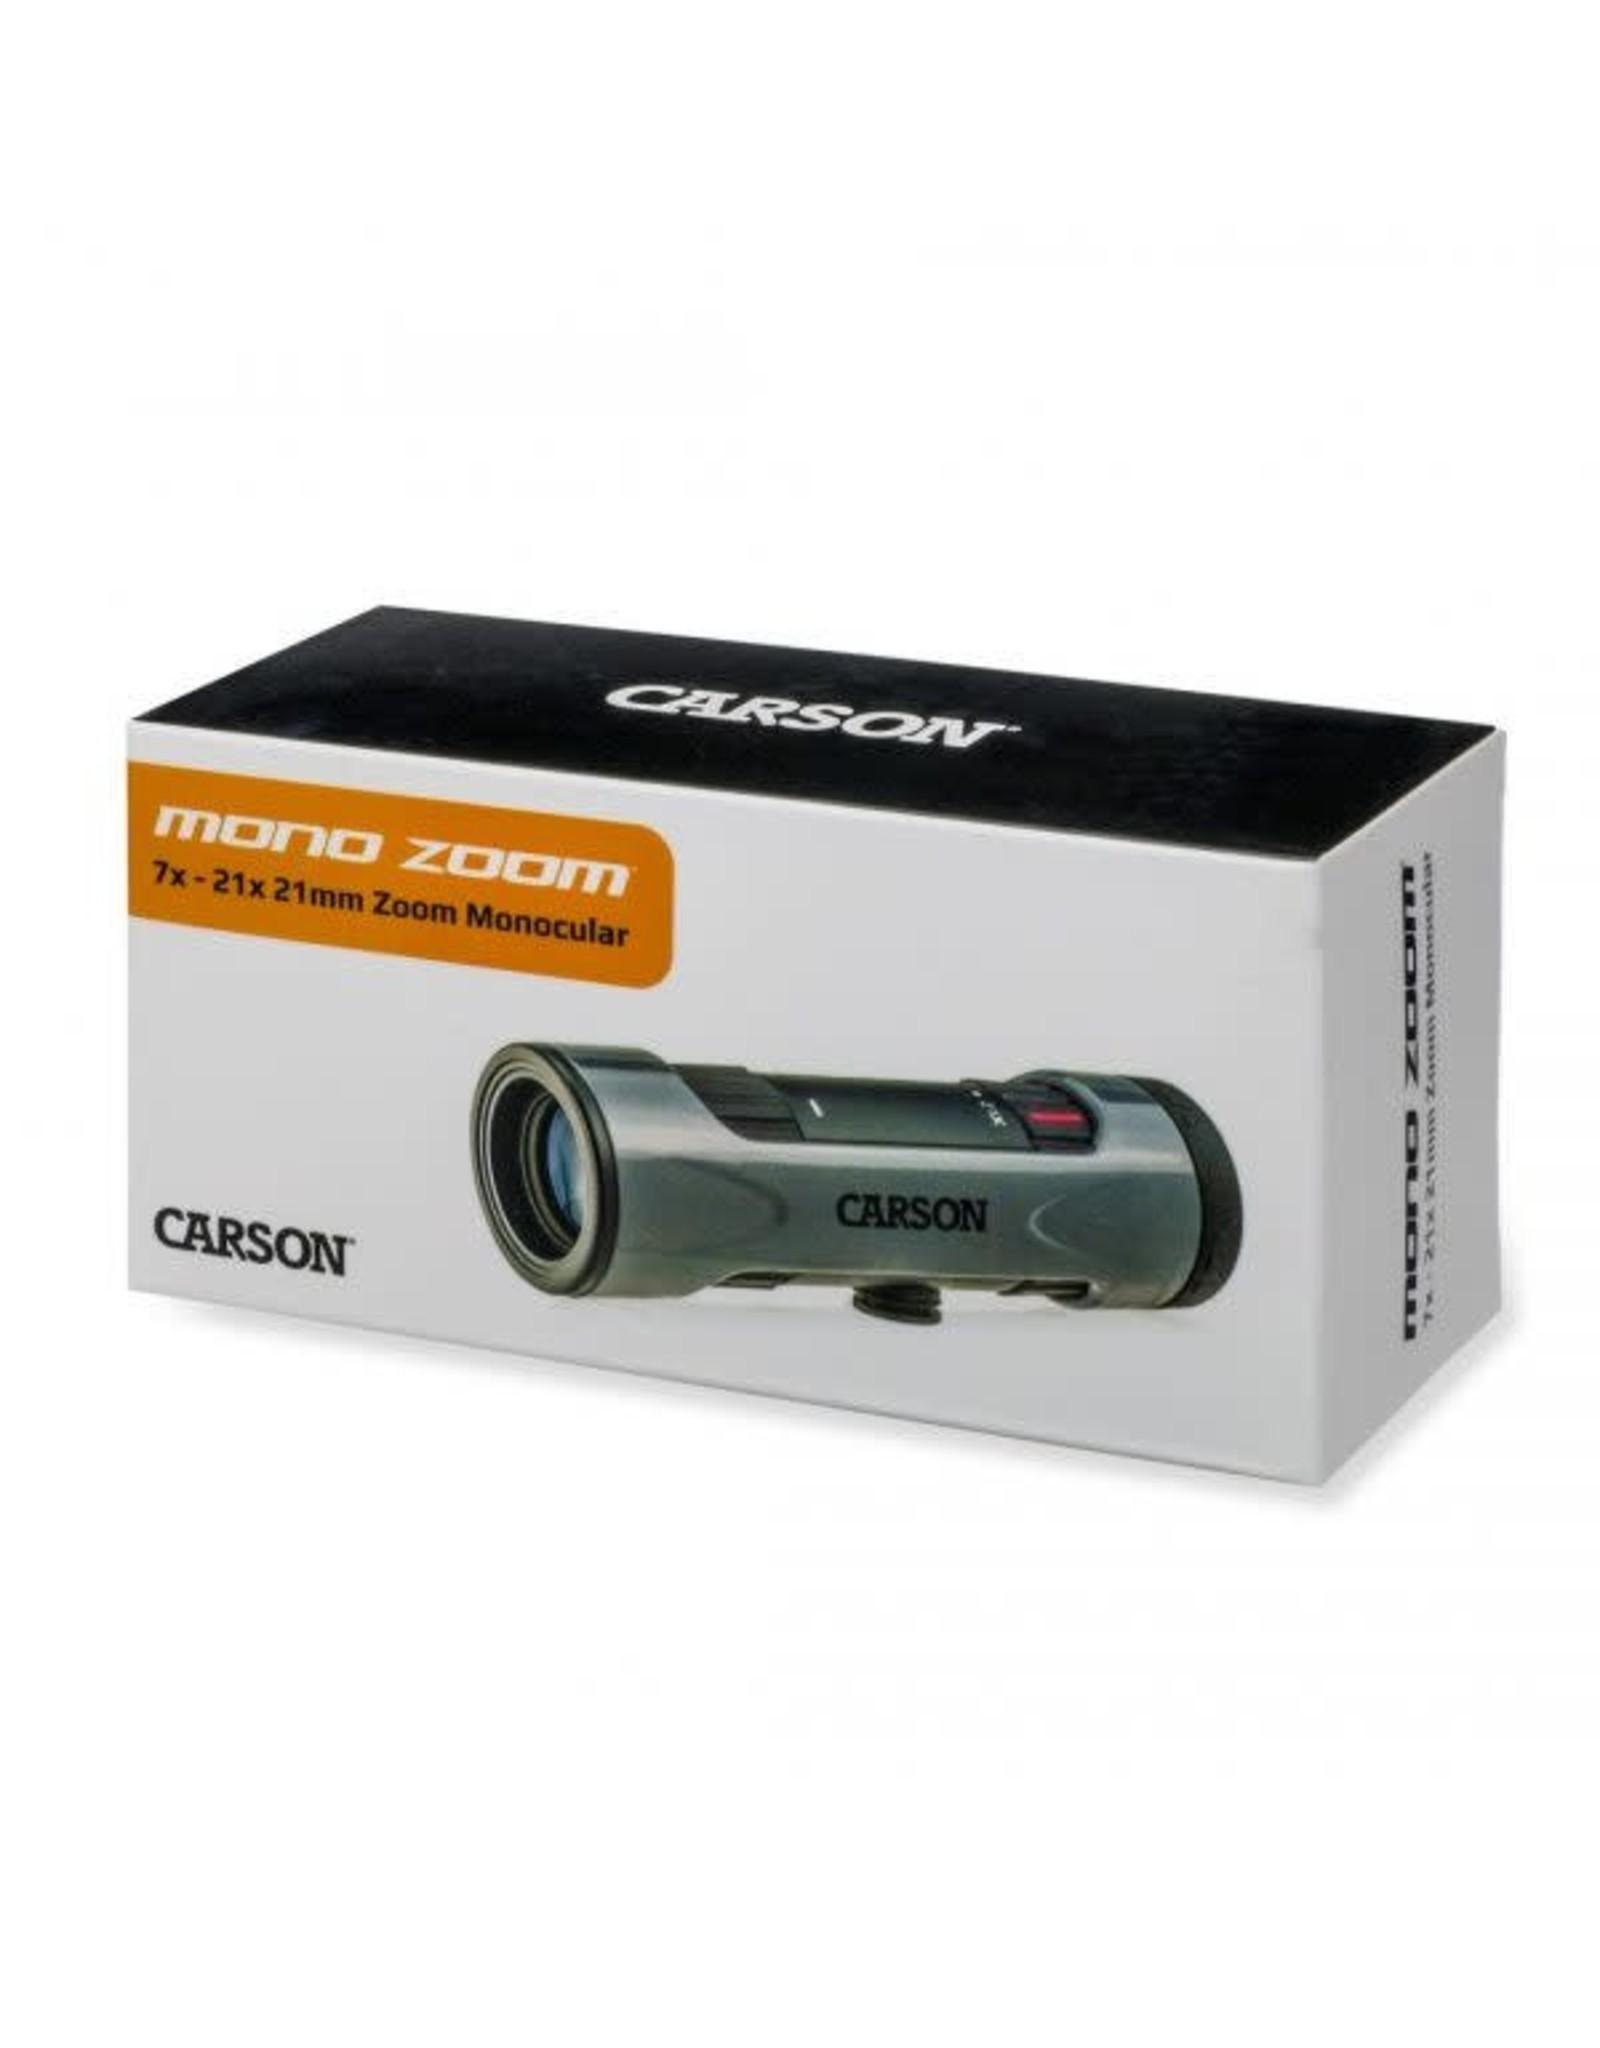 Carson Carson  ZM-721 Mono Zoom™